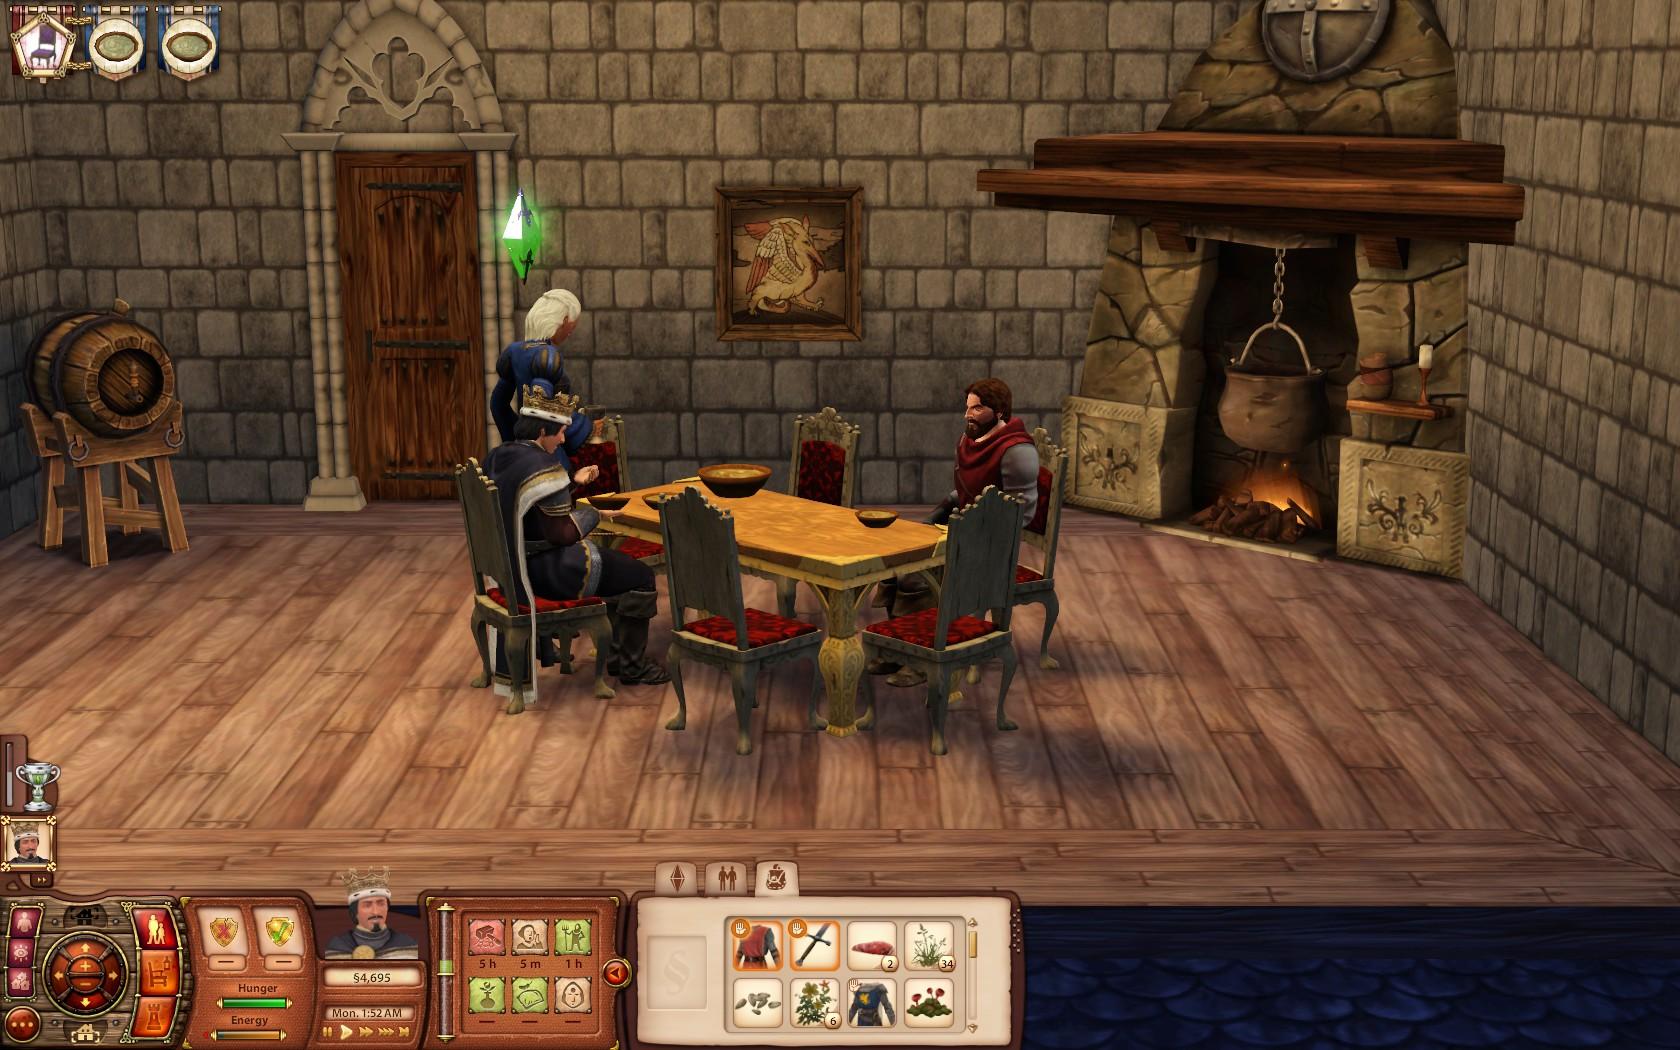 The Sims: Medieval – tak trochu jiný středověk 36243